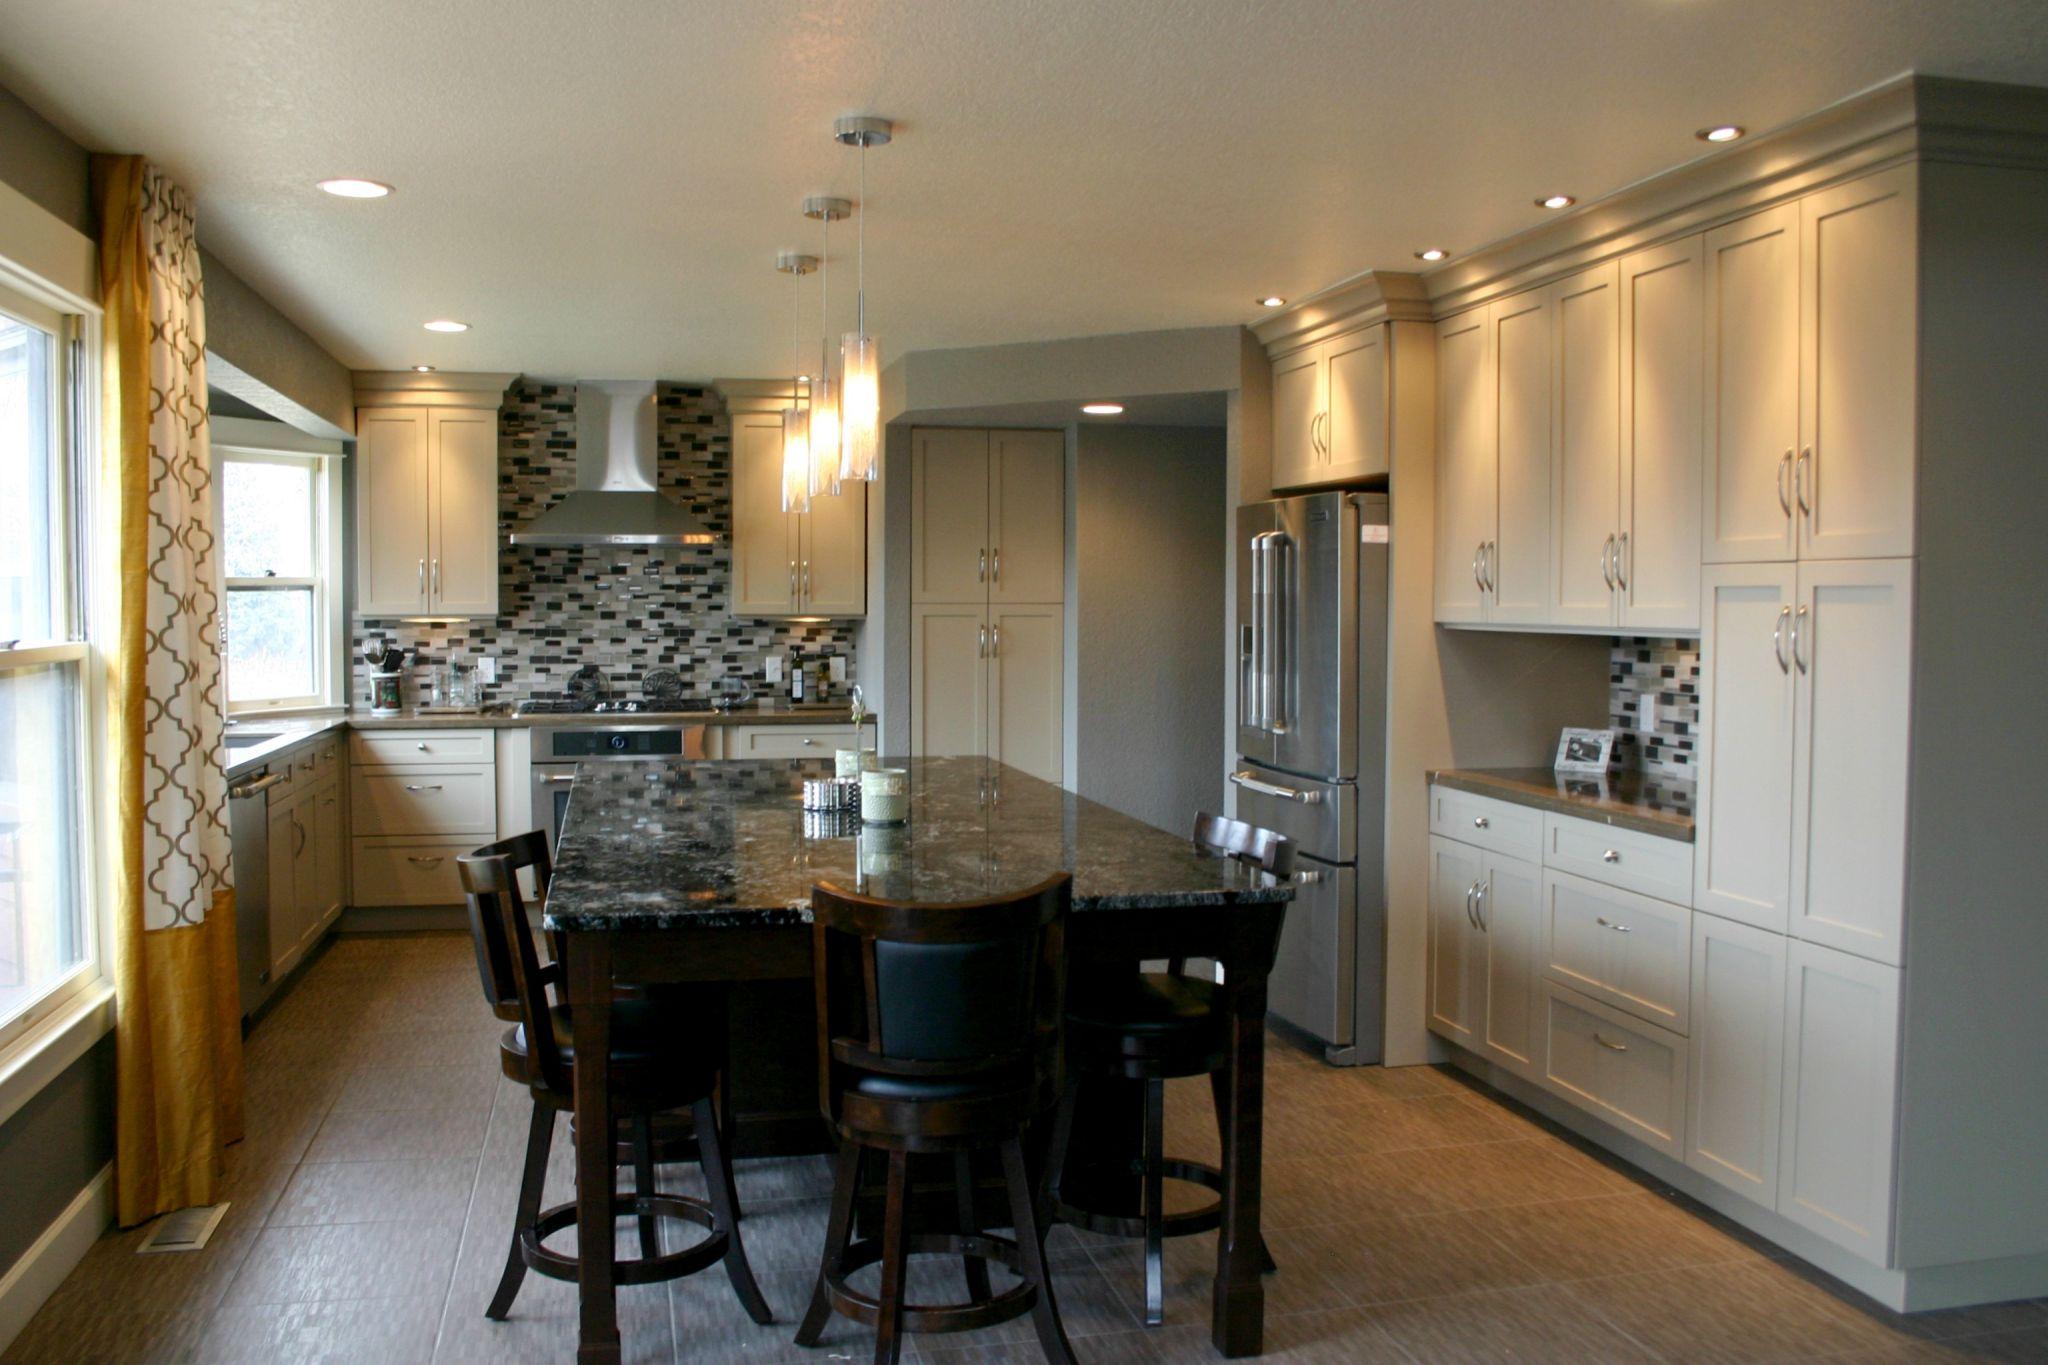 KitchenCraft Cabinets